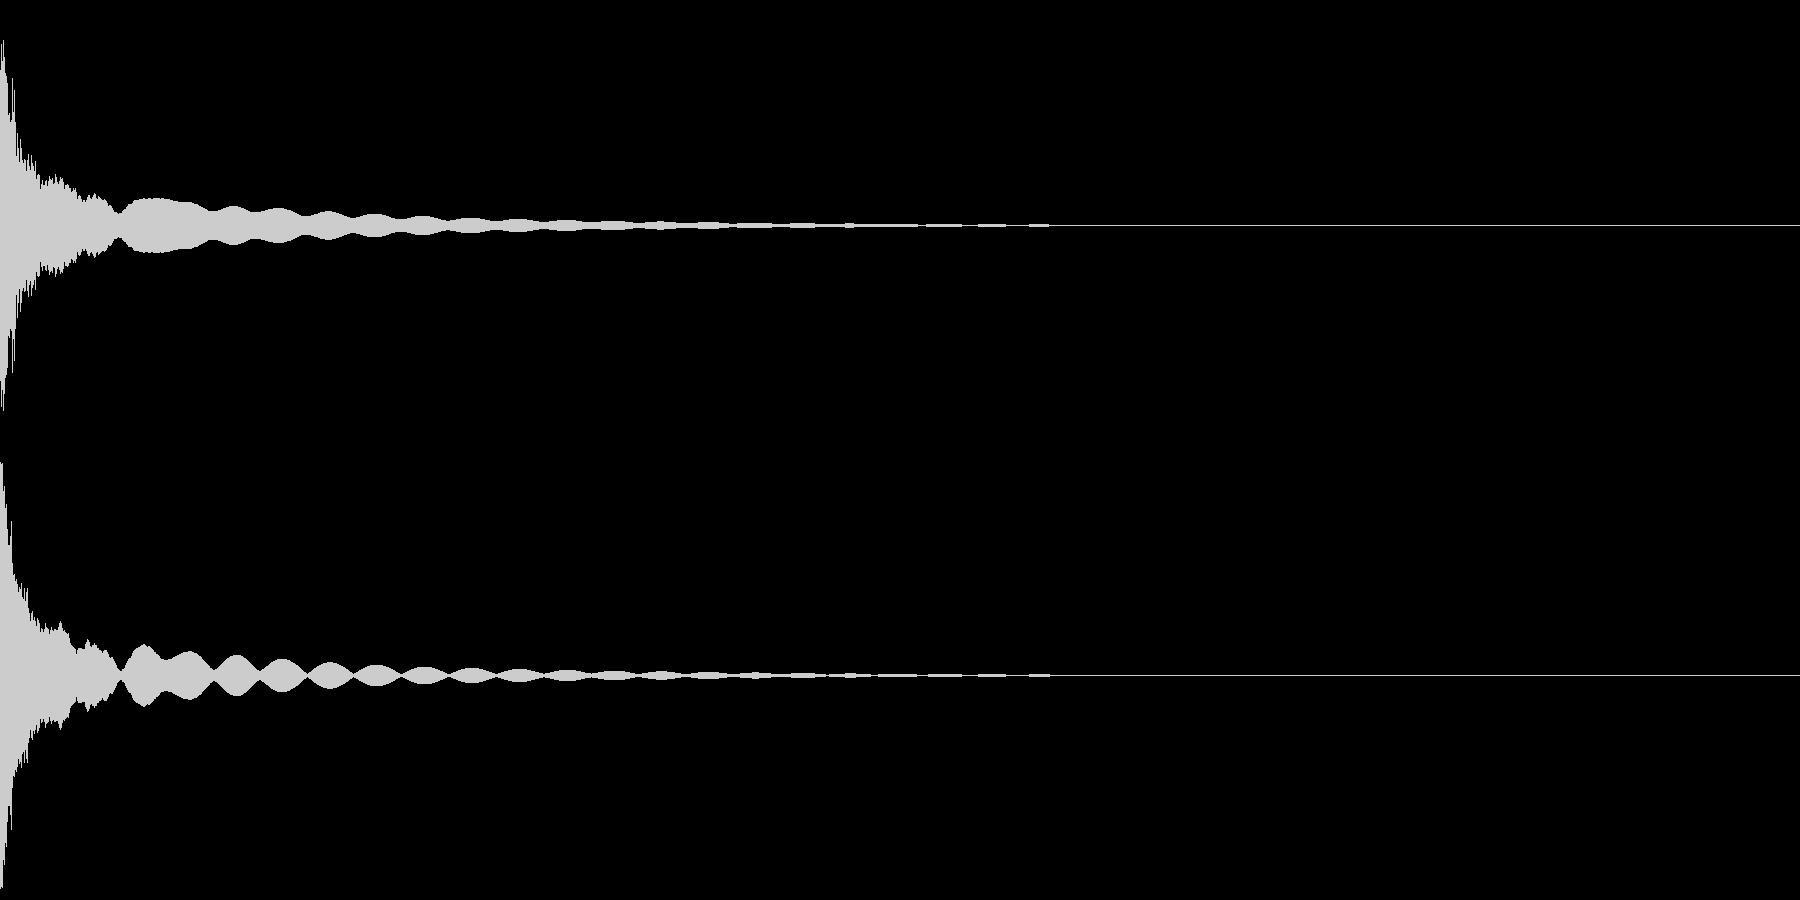 【生録音】チリーン(フィンガーシンバル)の未再生の波形